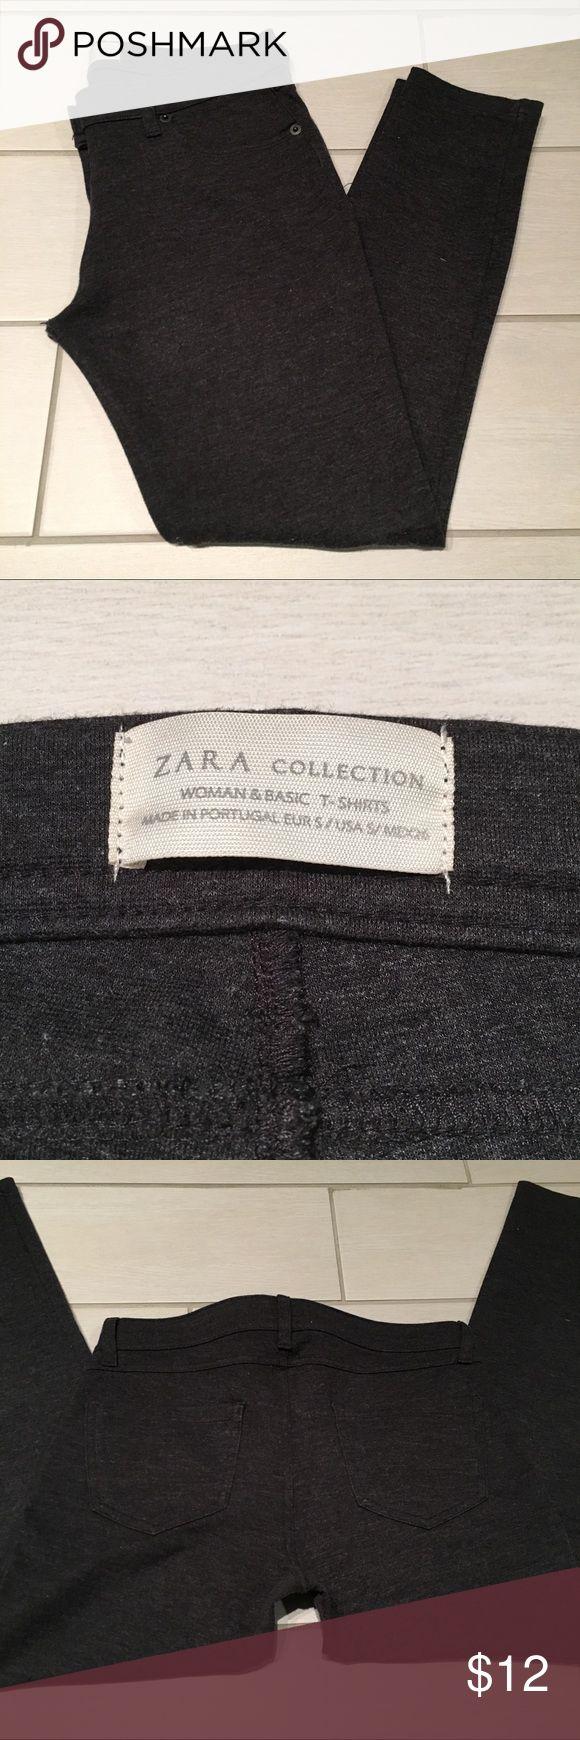 """Zara Women's ankle Jeans Zara Women's ankle pants Size S Inseam 24"""" Zara Jeans"""